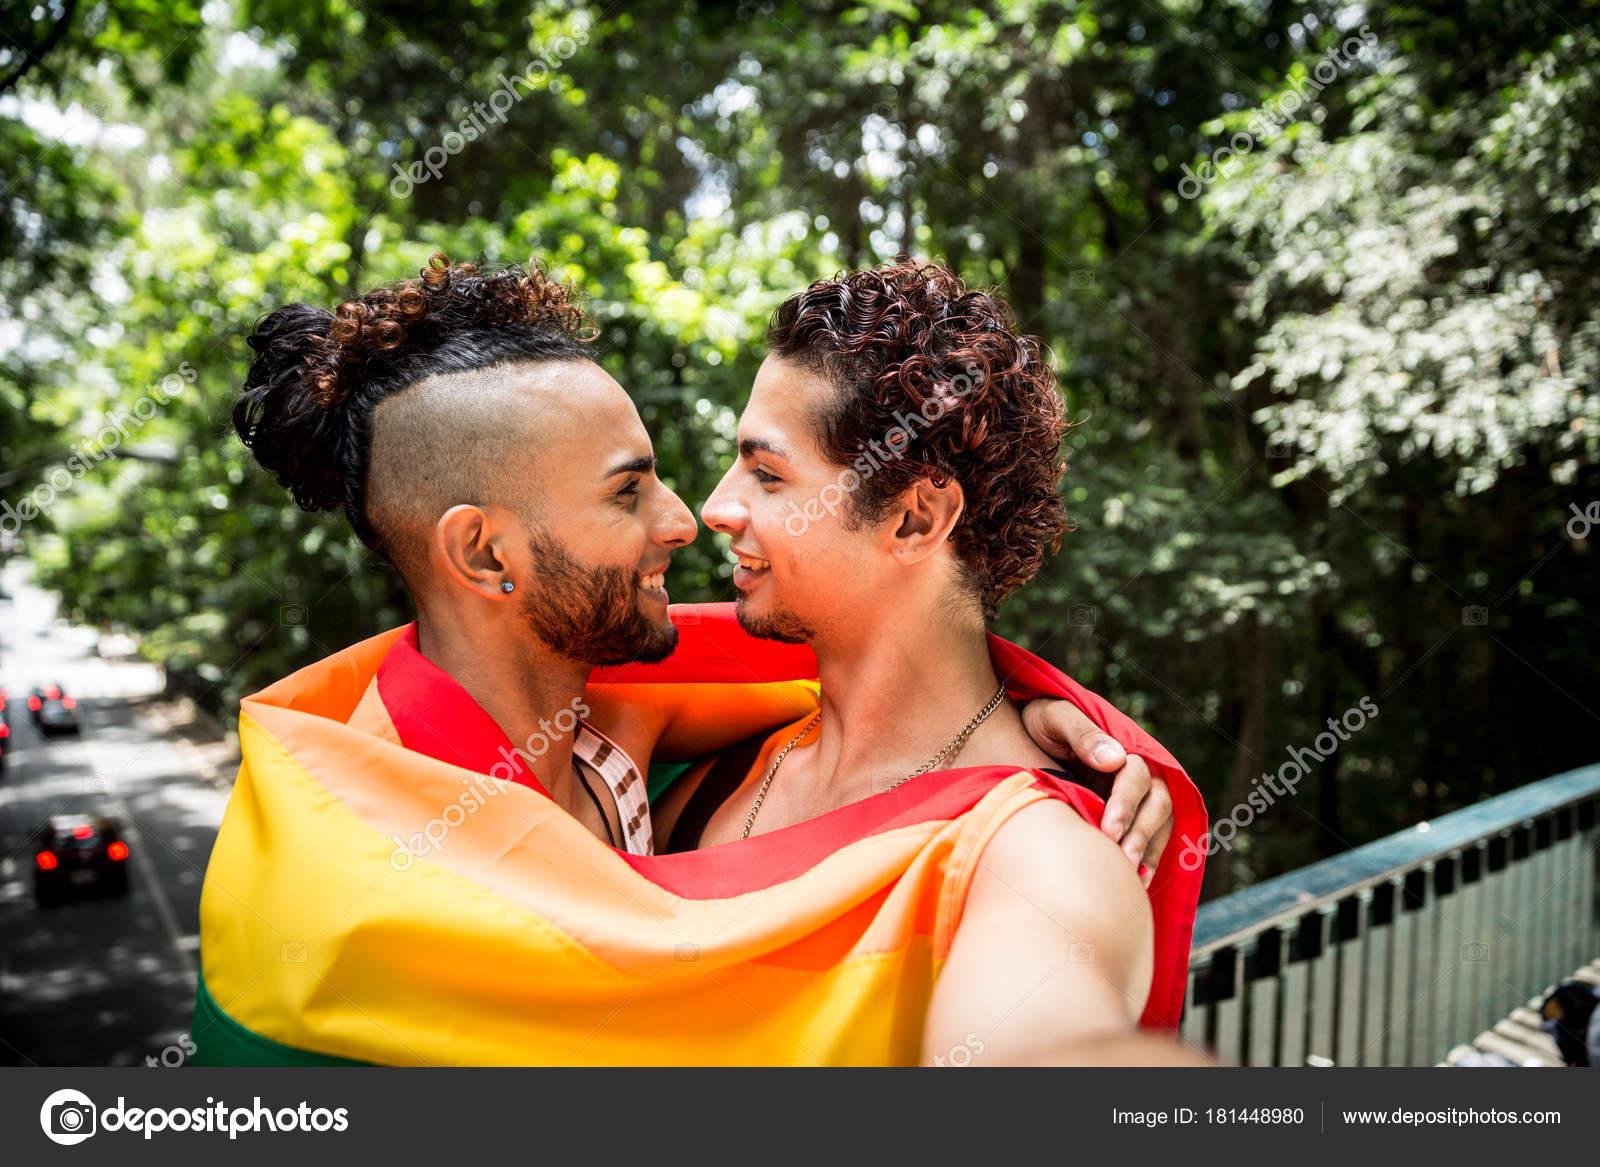 γκέι Ασιάτες σεξ